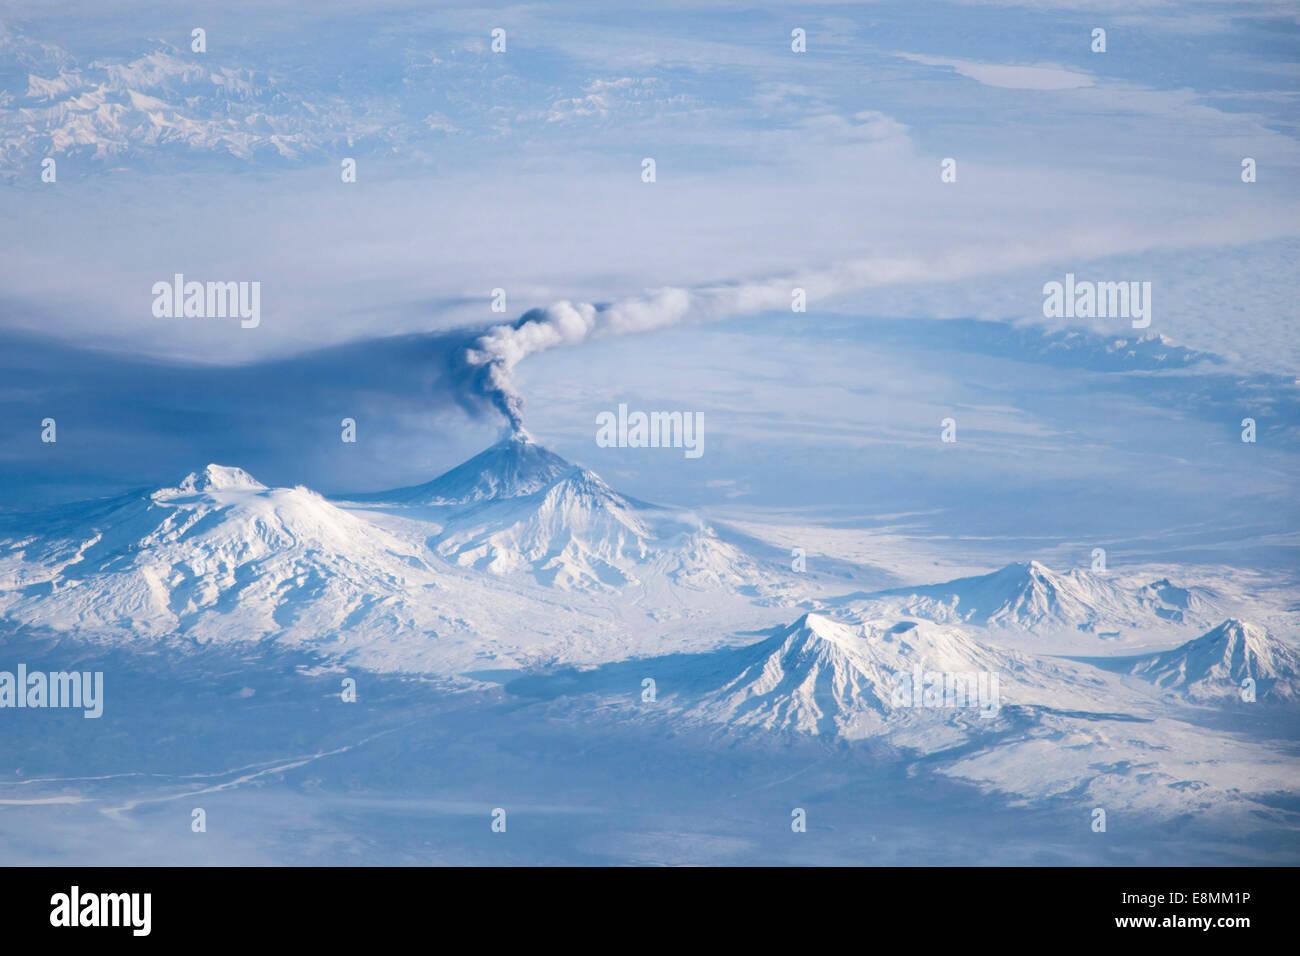 Una erupción plume emanados de Kliuchevskoi, uno de los muchos volcanes activos en la península de Kamchatka. Imagen De Stock